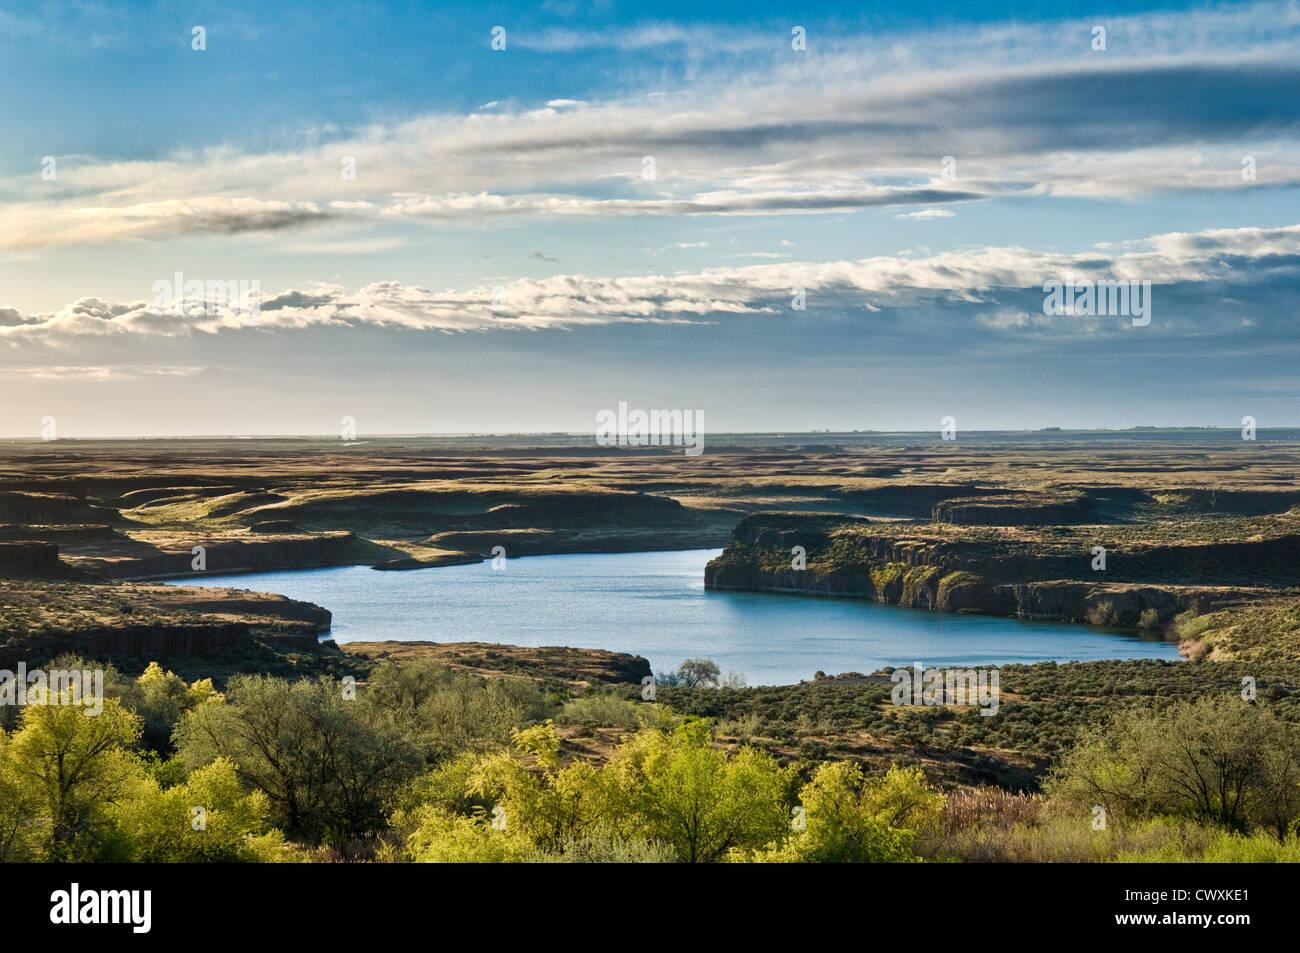 Goose Lake Wa Lower Goose Lak...